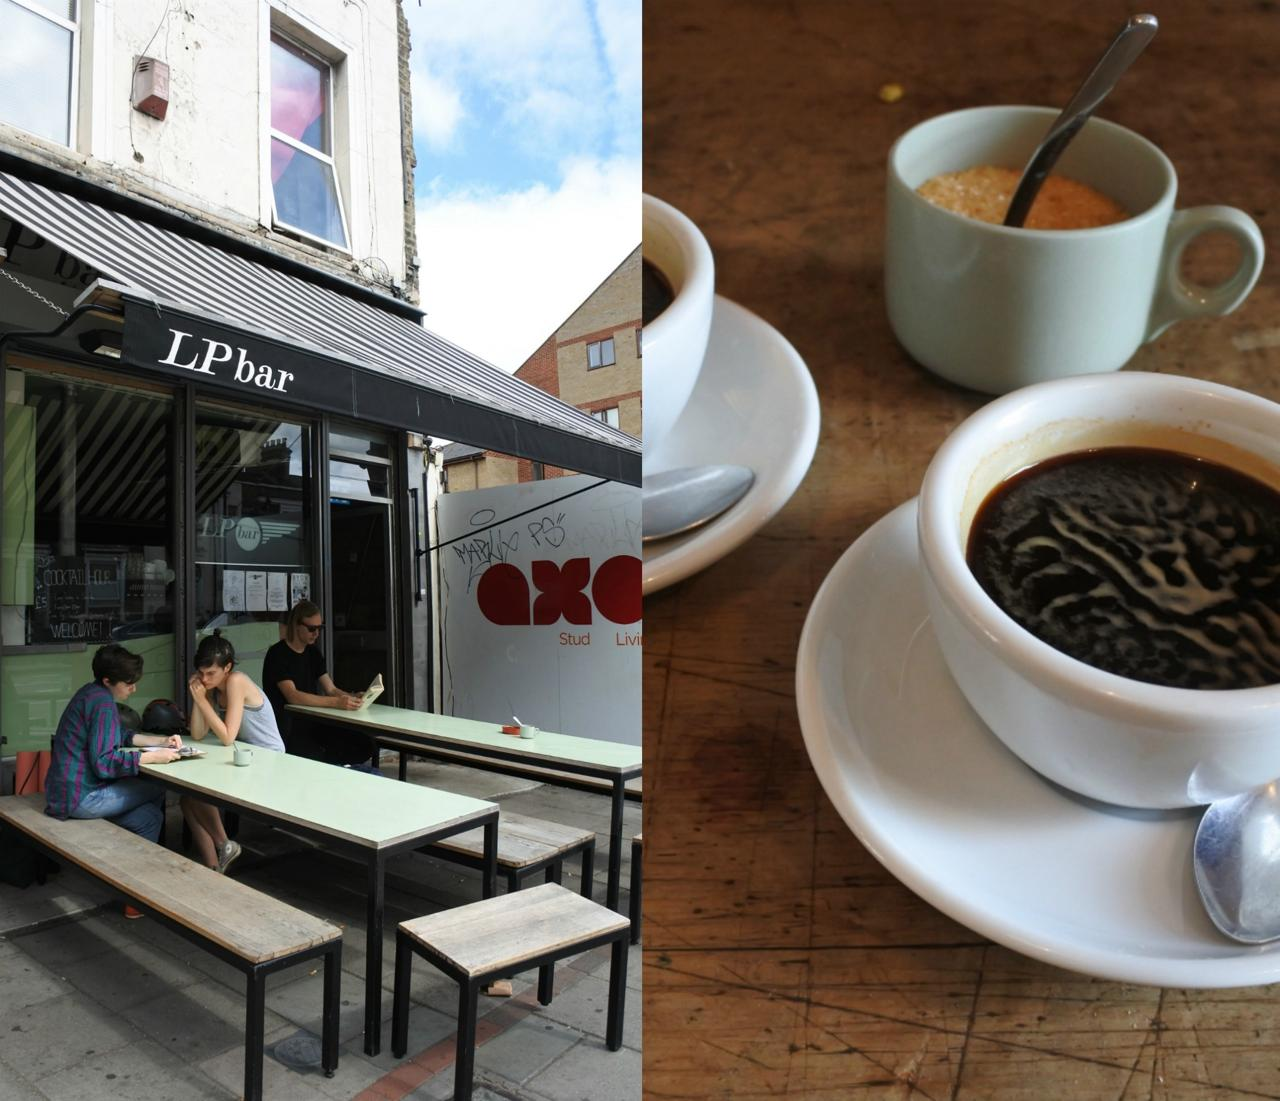 コーヒーは隣のバーからやってくる。スタッフはとてもプロフェッショナル。学生さんアルバイトもいらっしゃいますが ^^